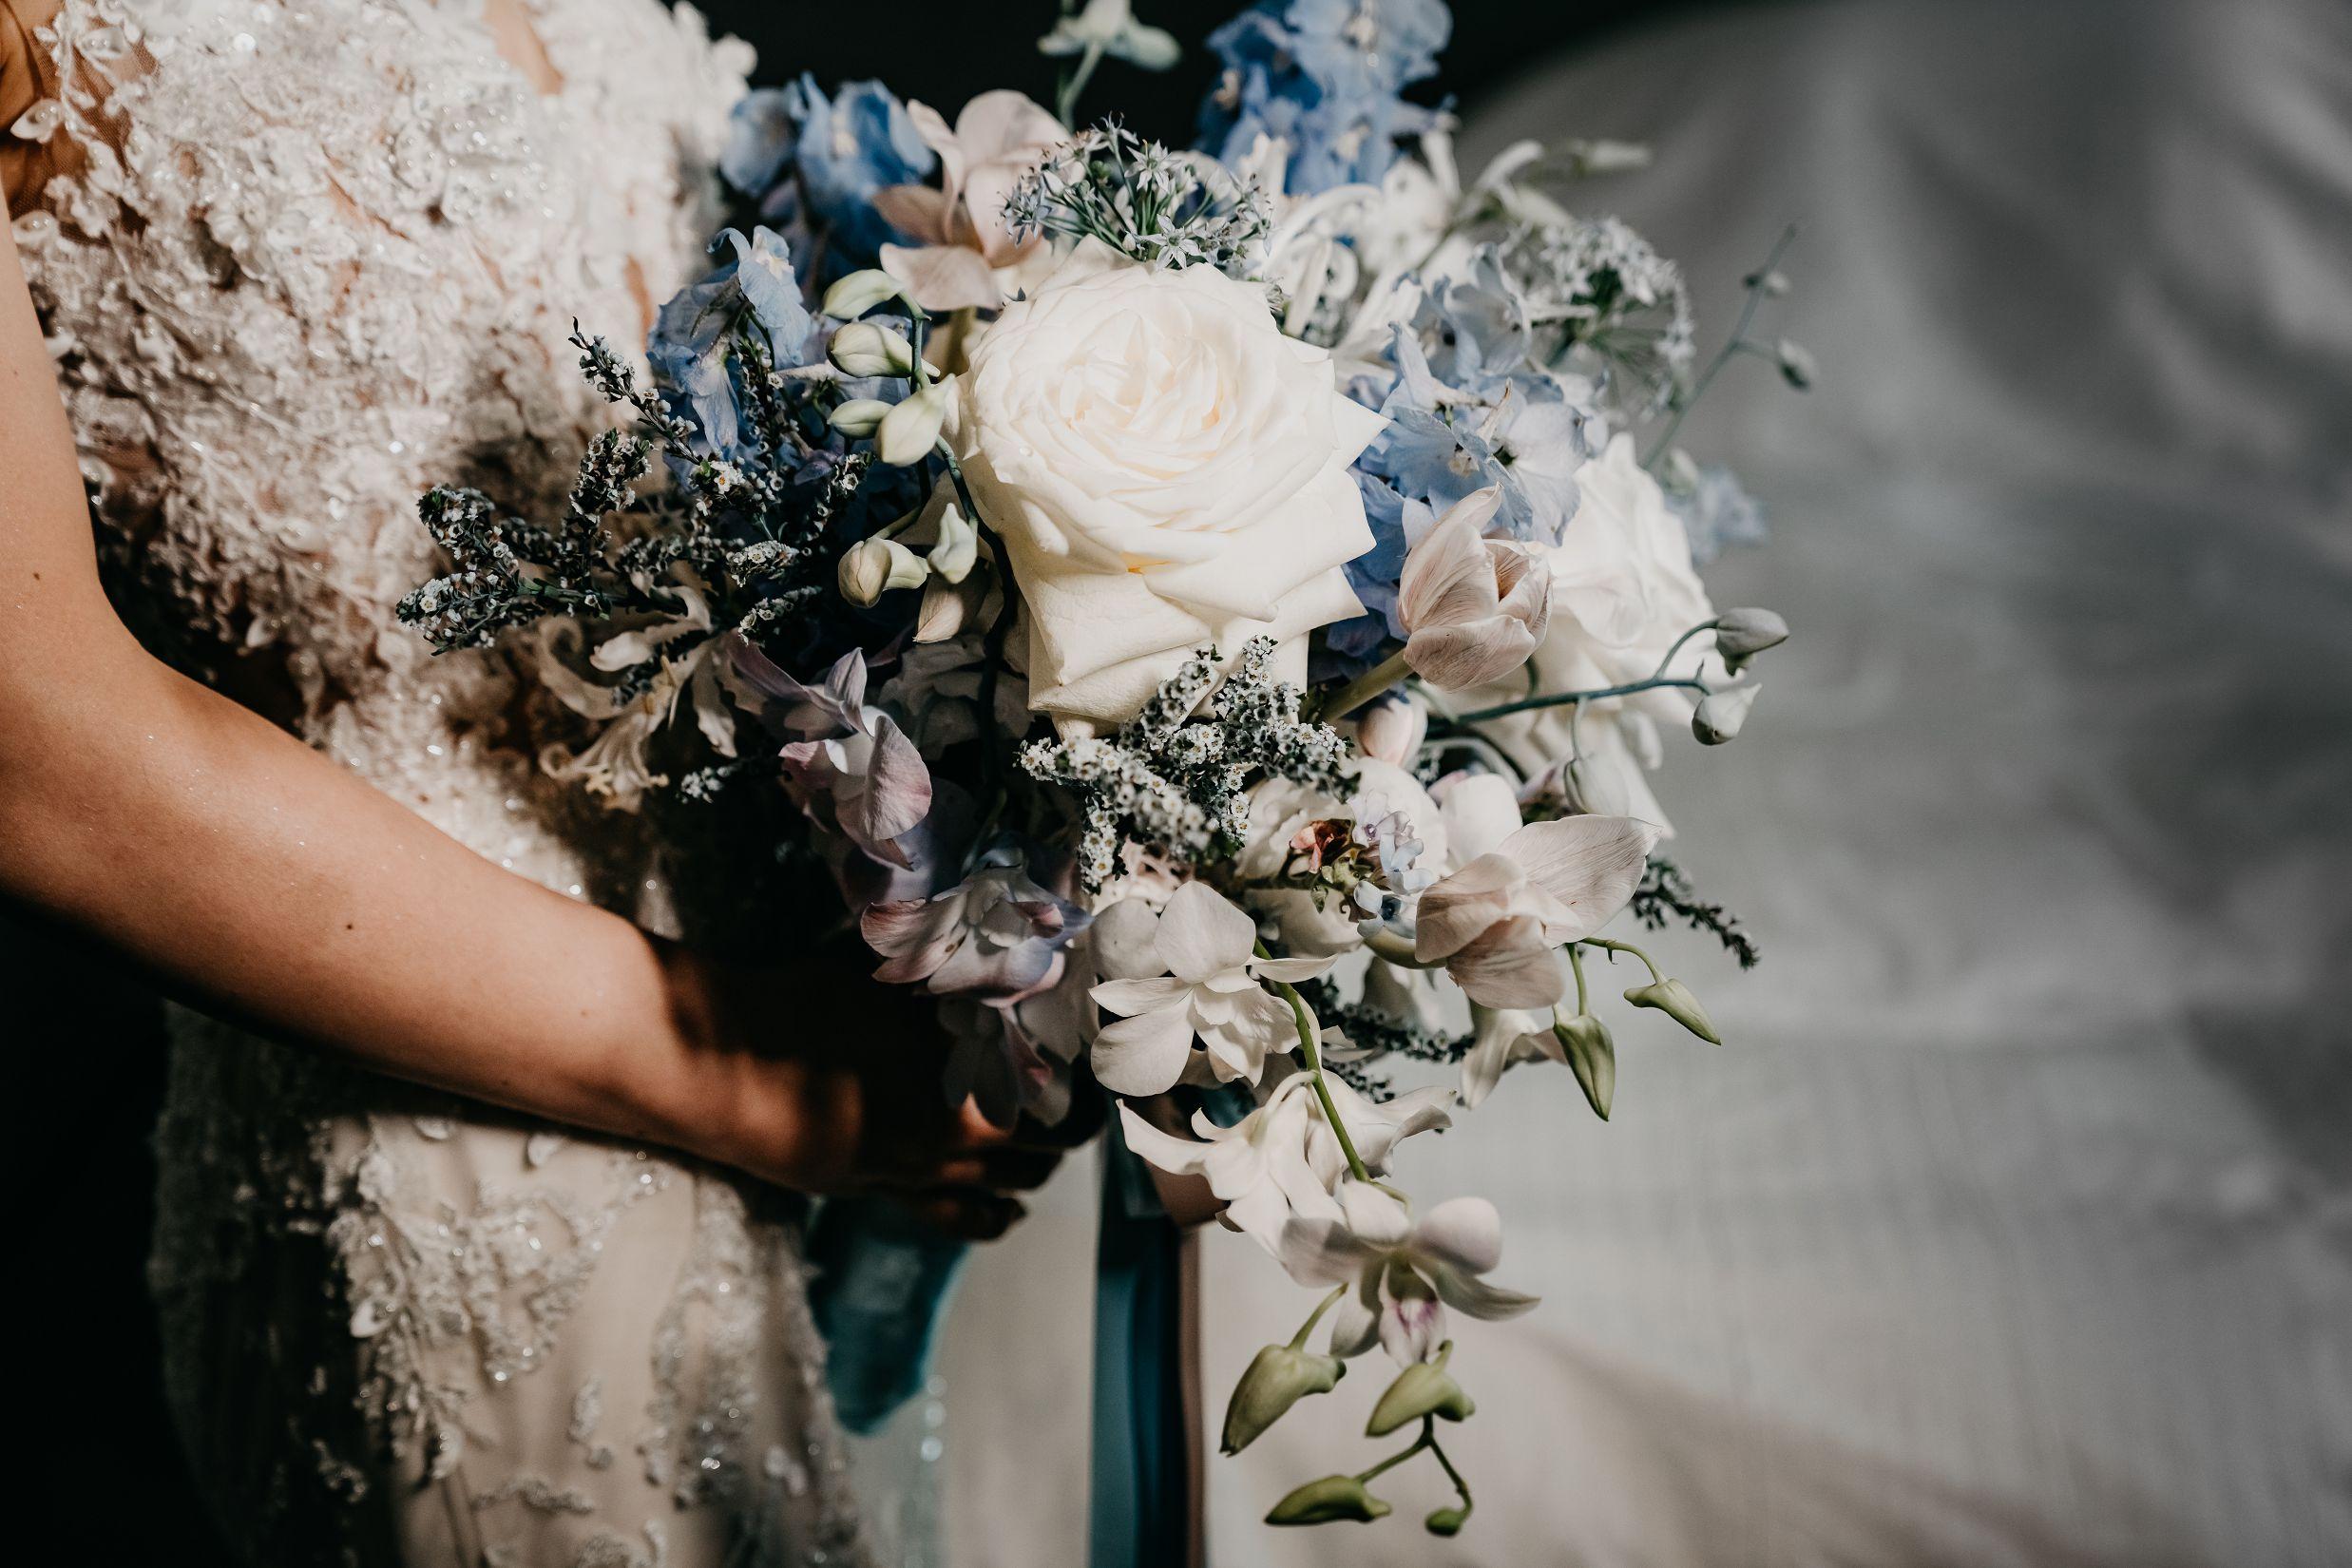 婚禮紀錄,婚攝,婚禮攝影,婚錄,白日夢工廠,動態錄影,婚禮現場,儀式,雙機攝影,類婚紗,寒舍艾麗,風雲20,PTT推薦,新娘物語推薦,新秘,戒指,婚戒,